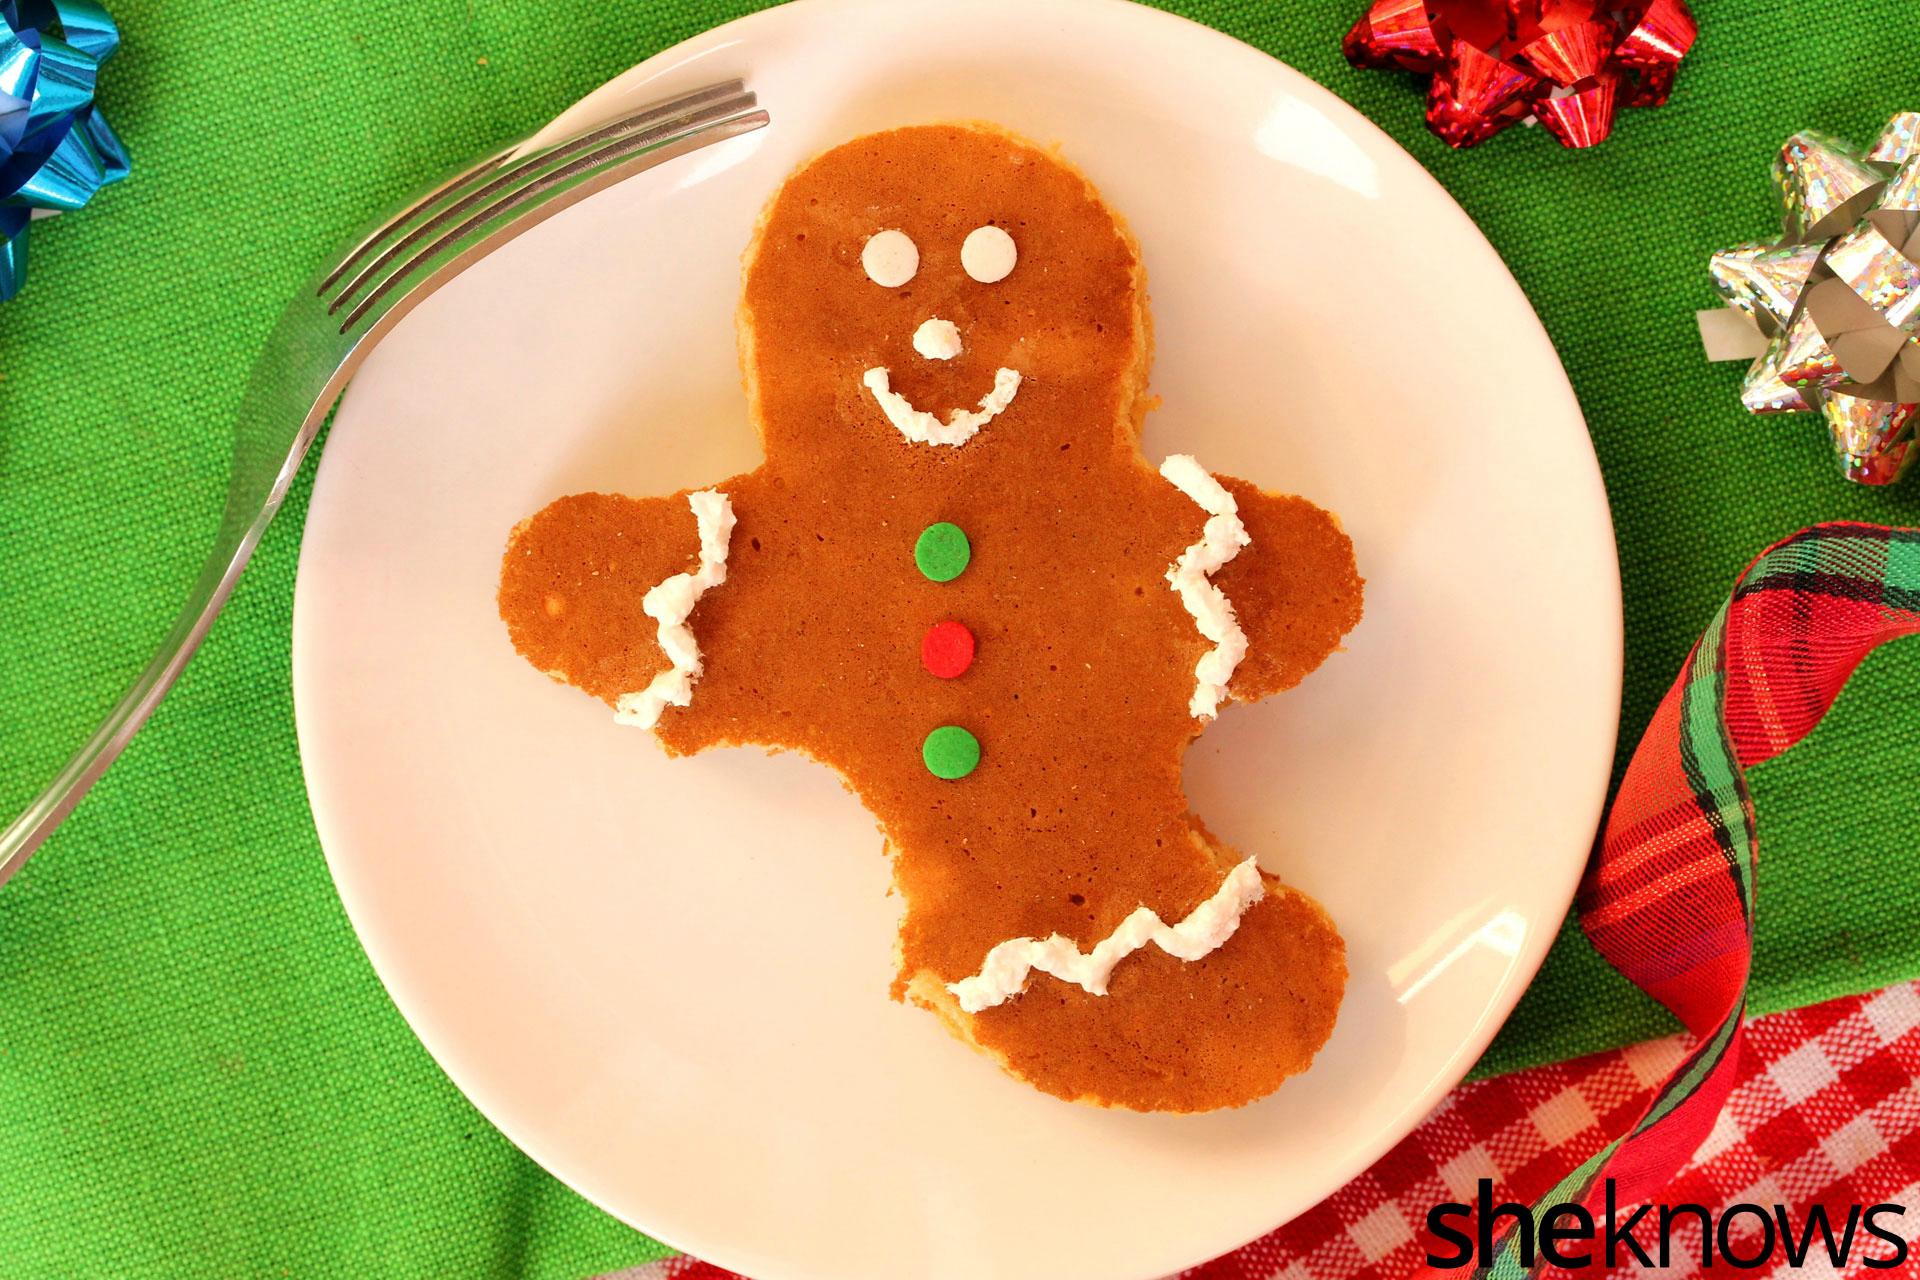 bite-of-gingerbread-pancake